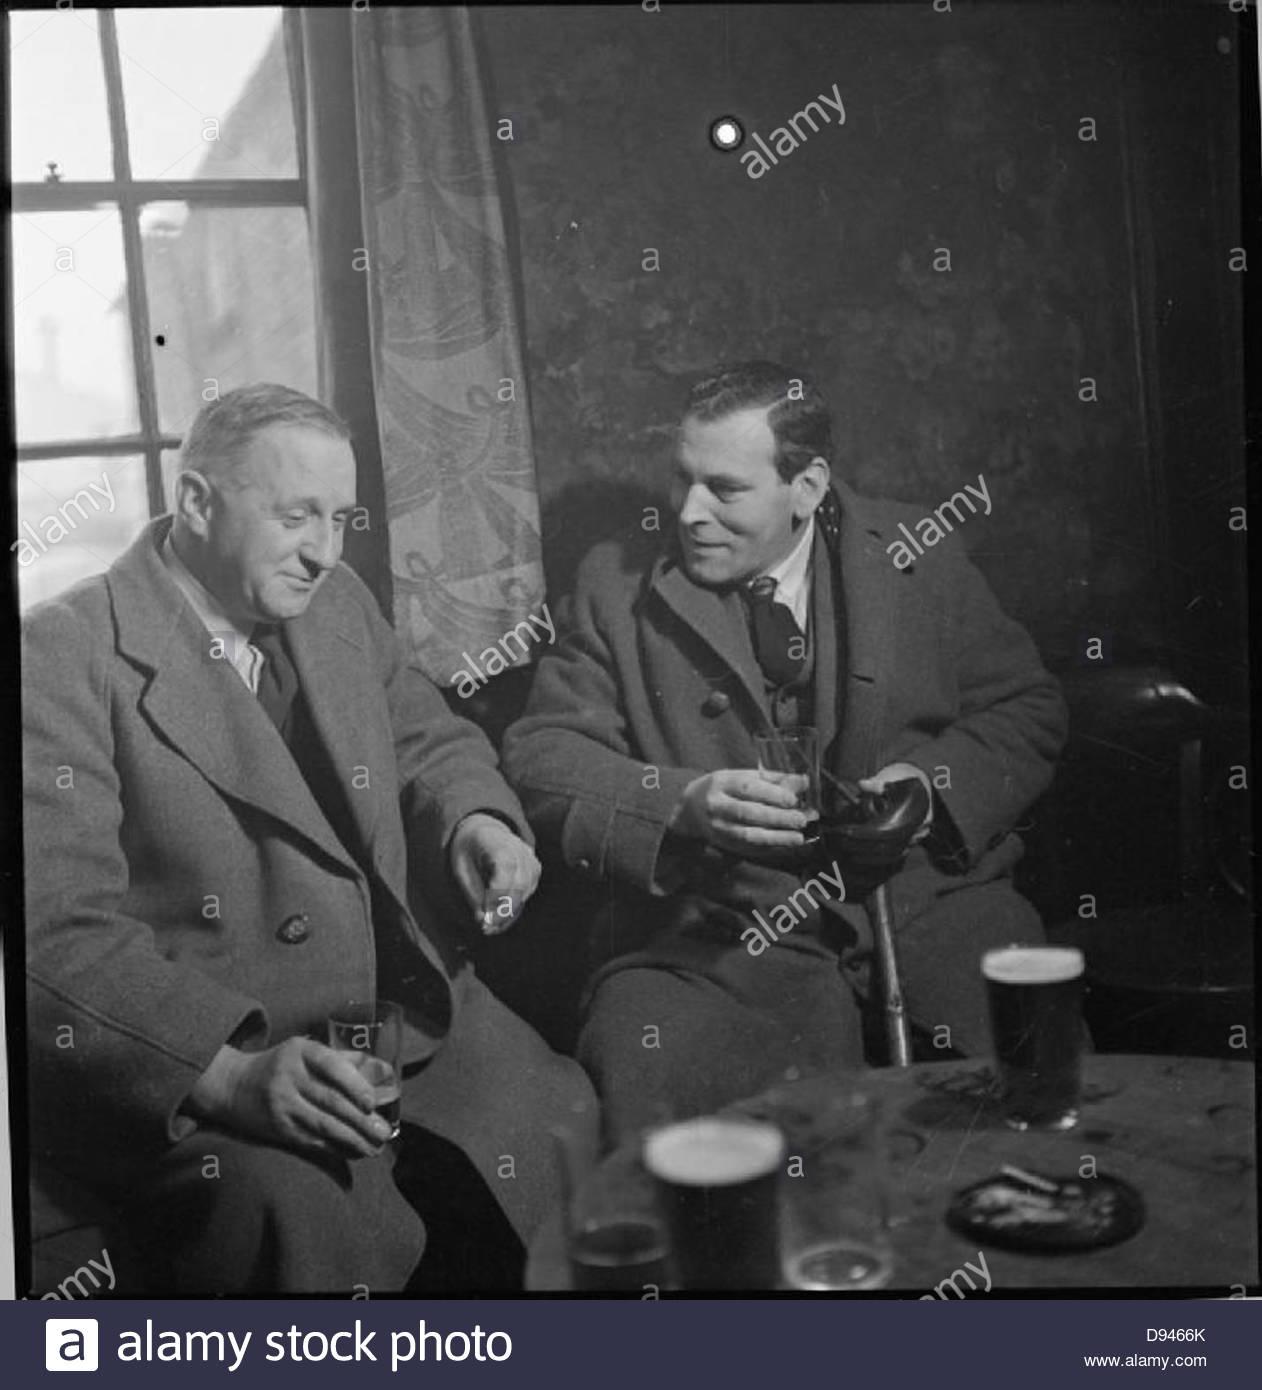 Pub de guerre- la vie quotidienne au Wynnstay Arms, Ruabon, Denbighshire, Wales, UK, 1944 D18485 Photo Stock